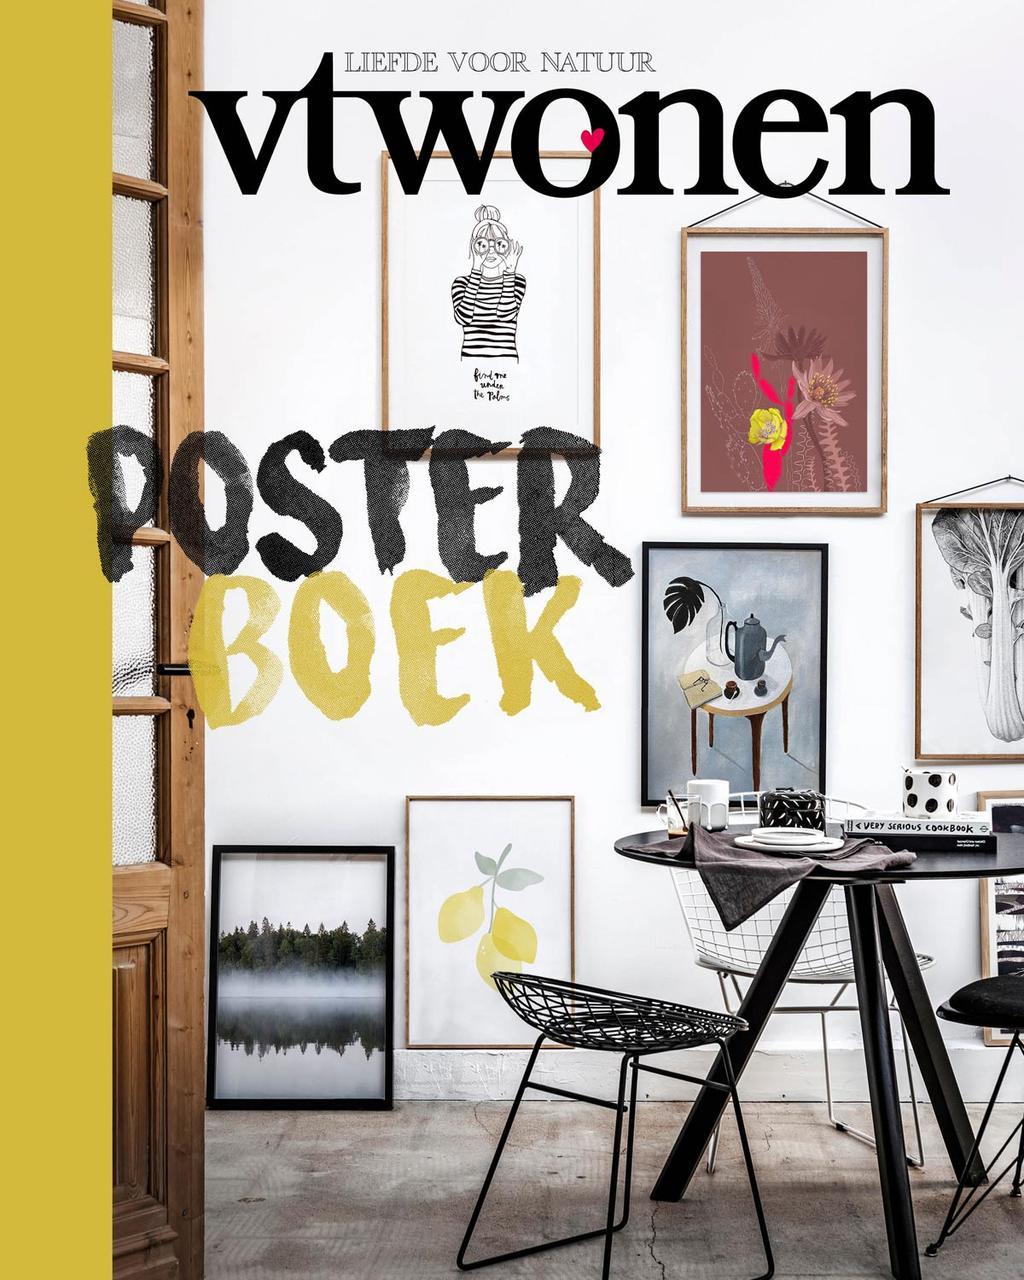 vtwonen-posterboek-cover-2019